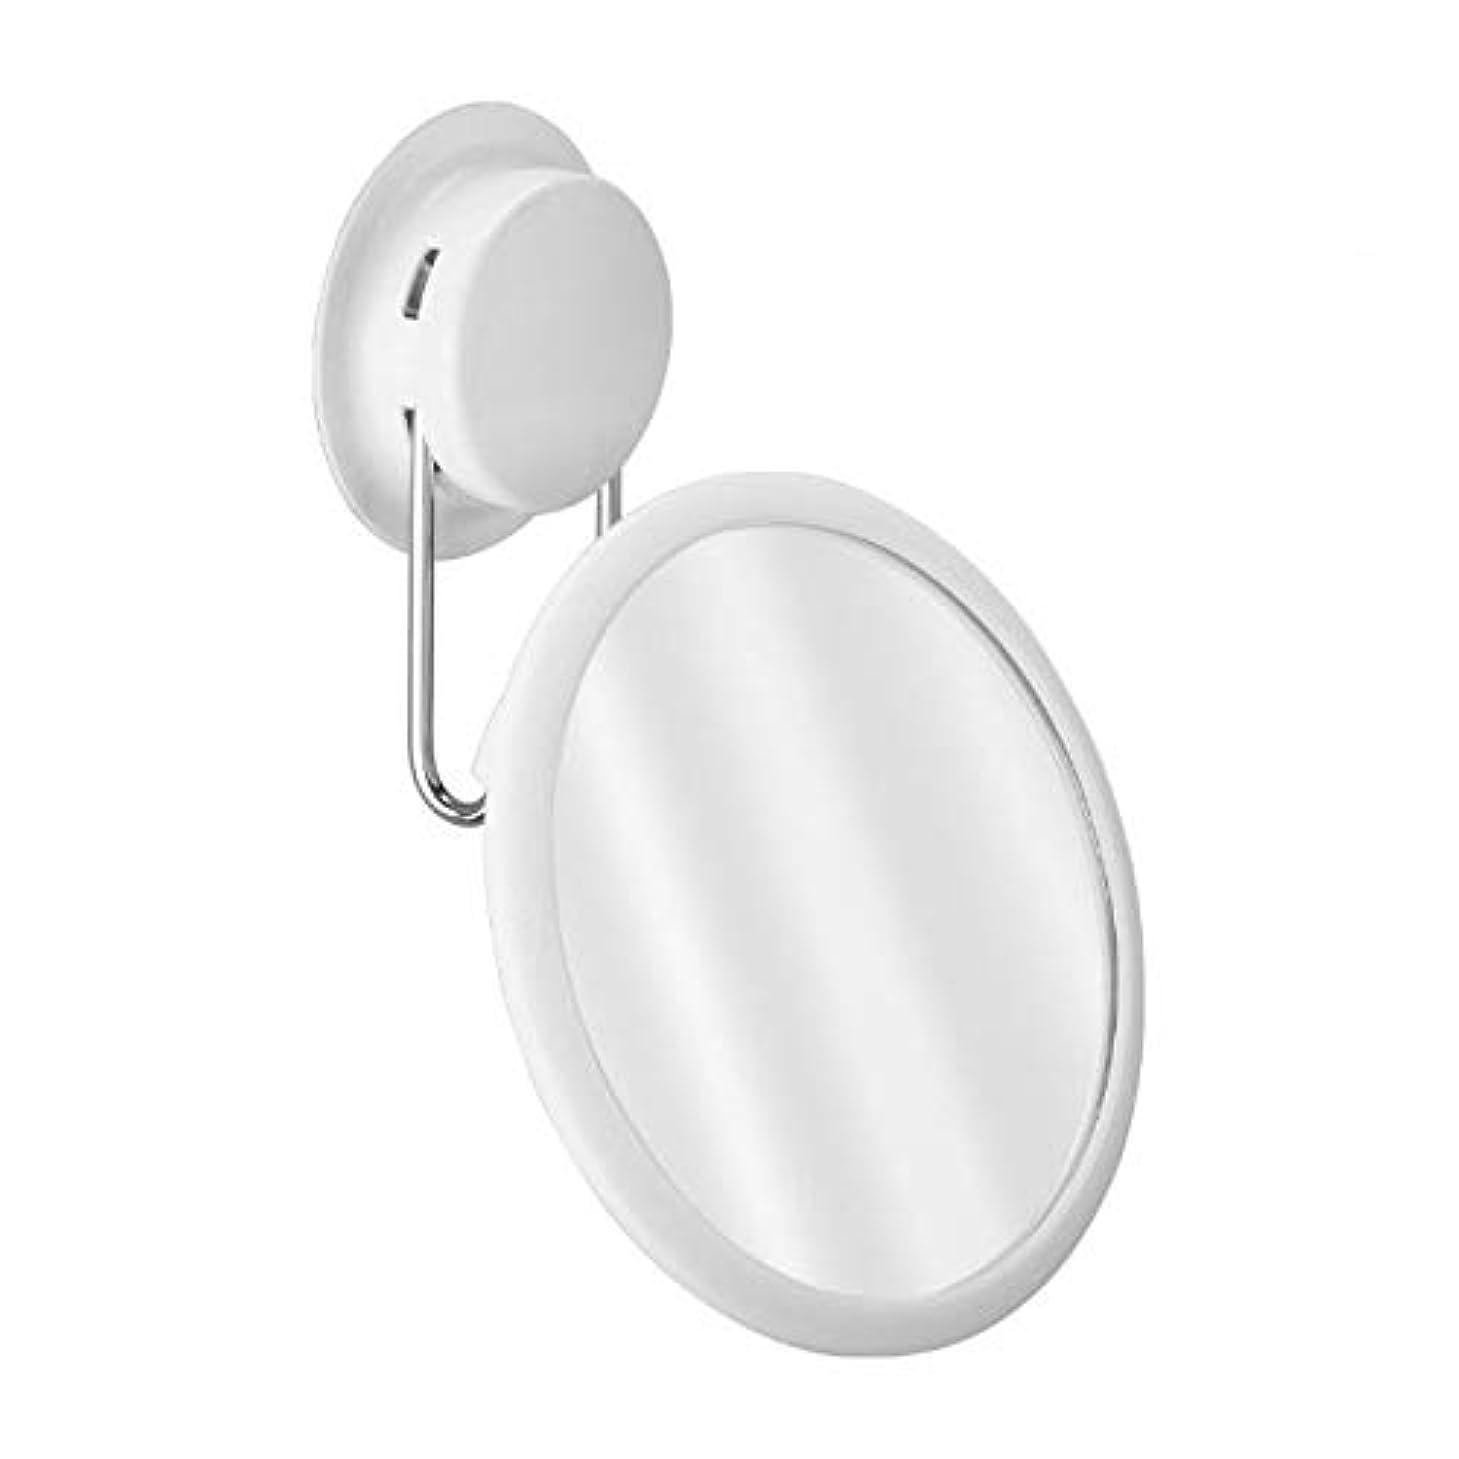 レンディションぬれたビヨン化粧鏡、強力な吸盤ラック無料パンチ浴室洗面化粧台ミラー化粧ギフト